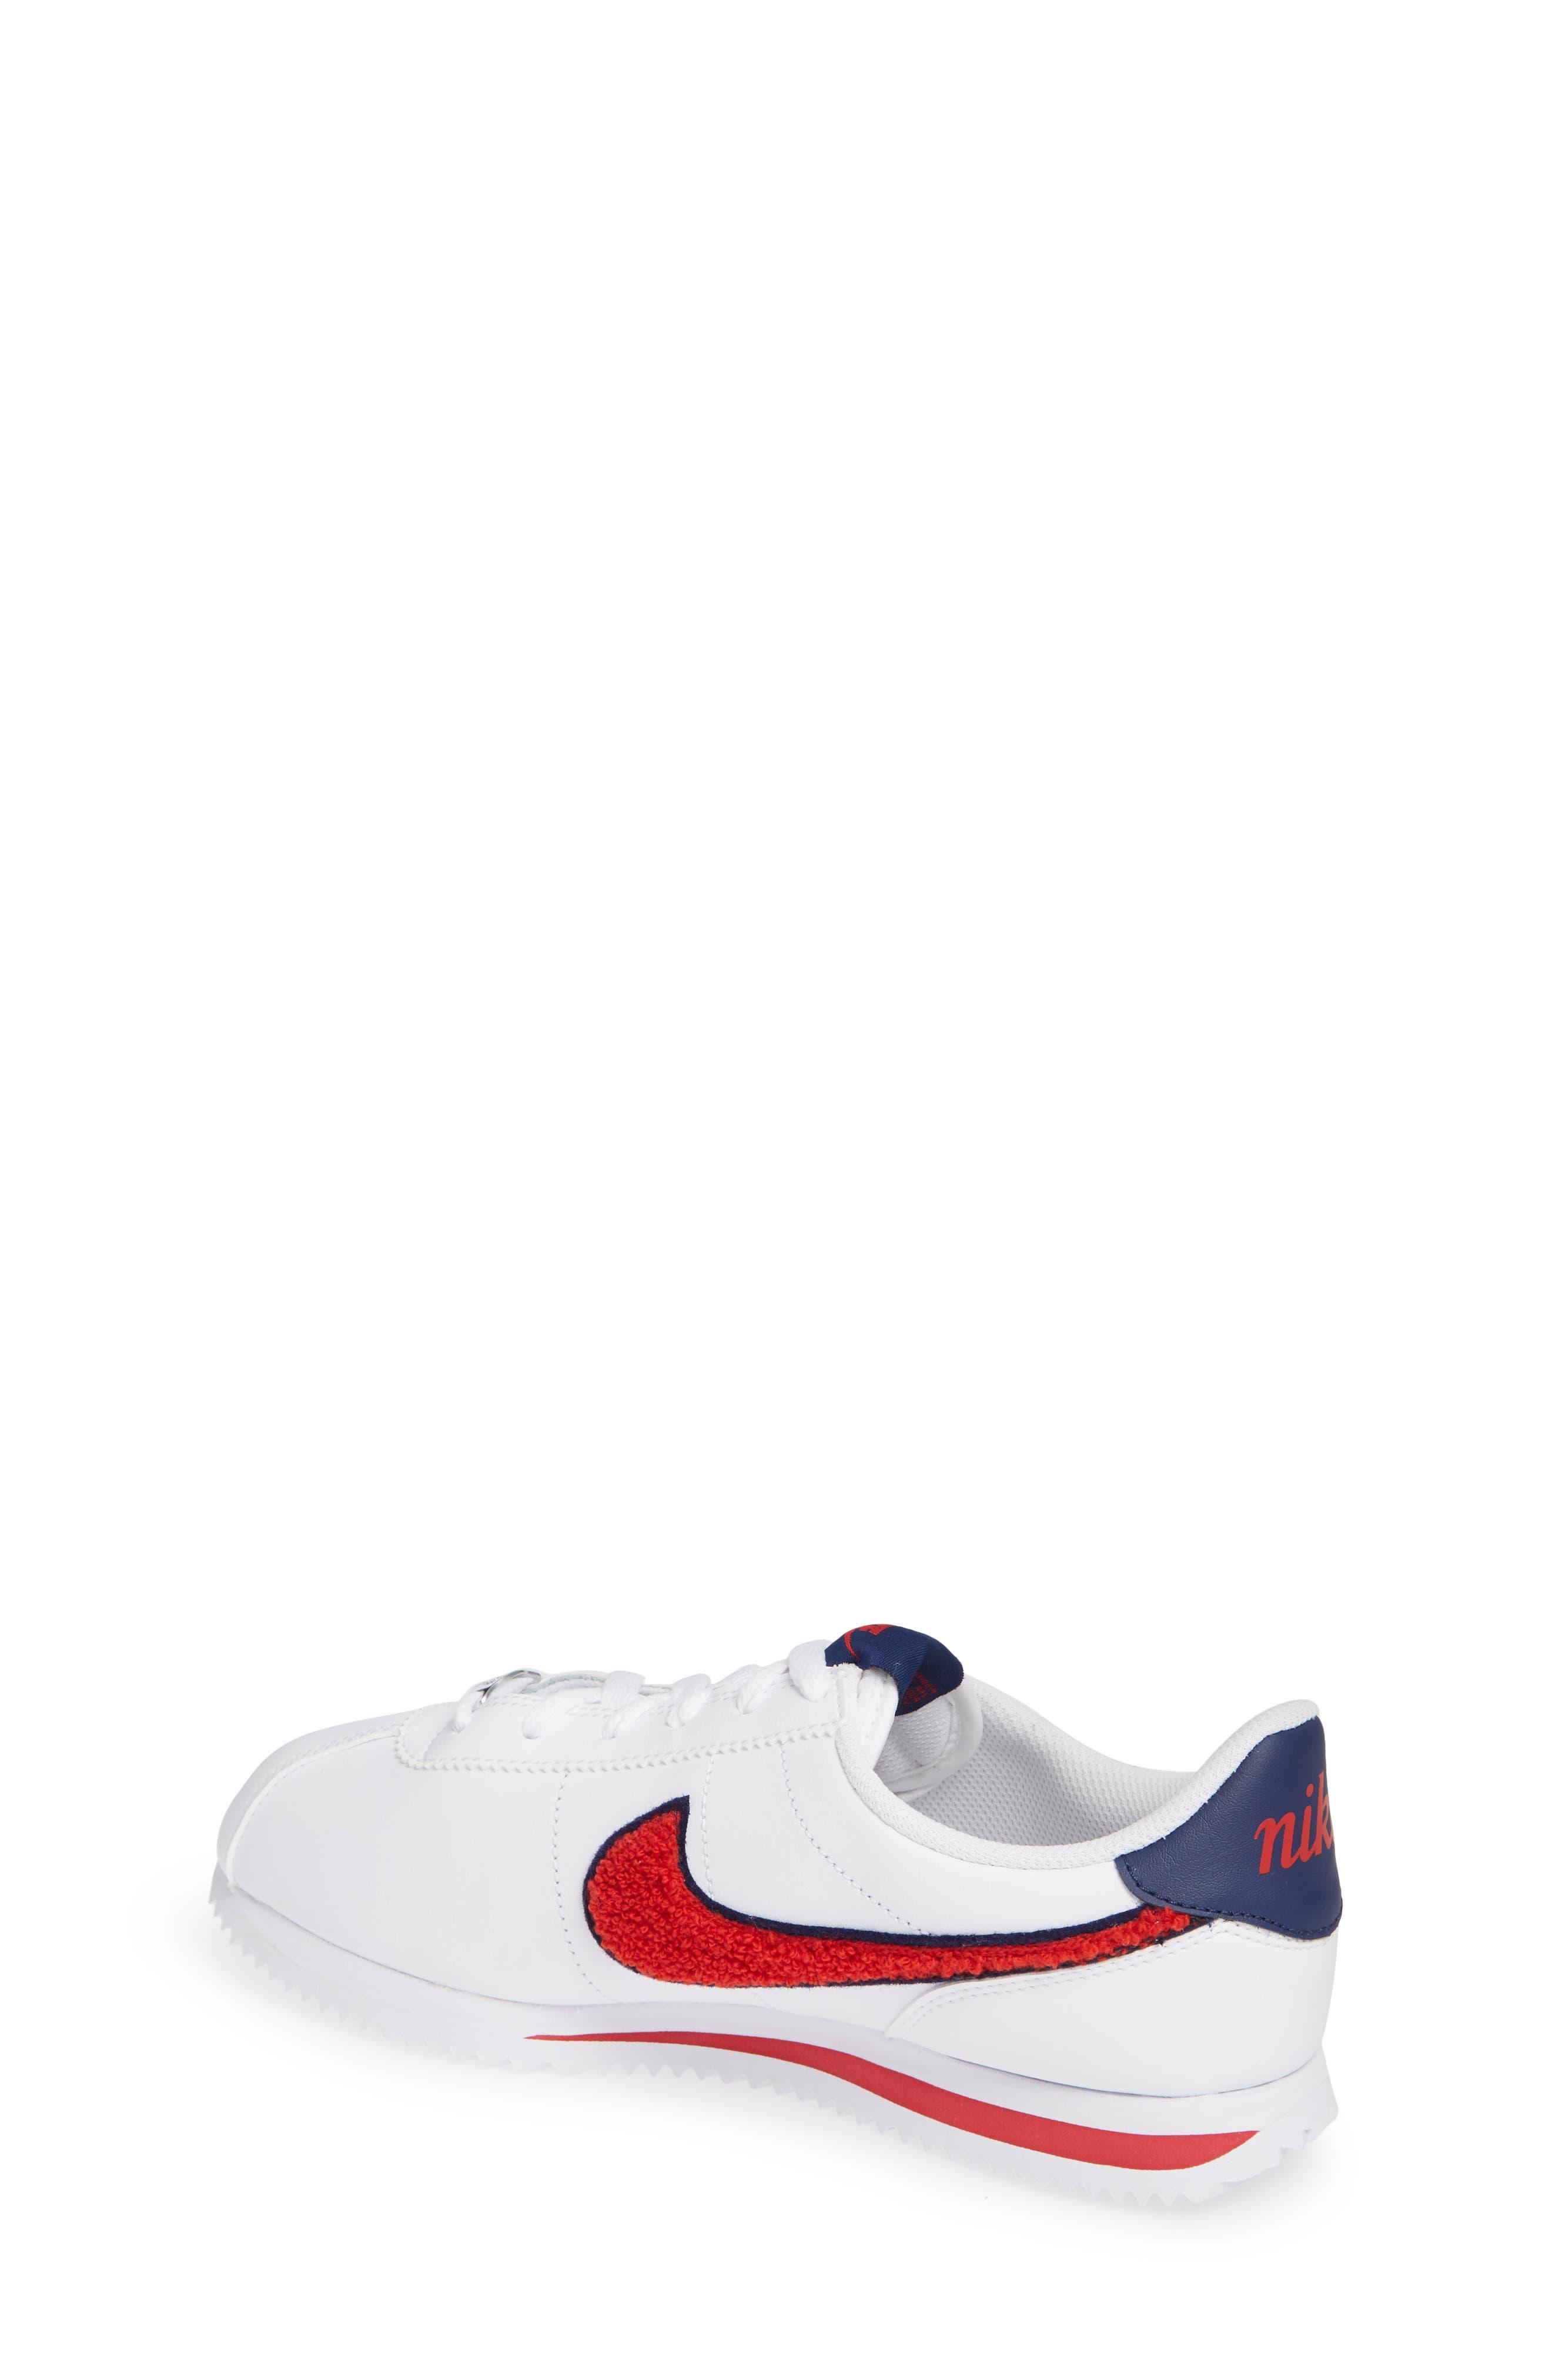 Cortez Basic SE Sneaker,                             Alternate thumbnail 2, color,                             WHITE/ UNIVERSITY RED/ BLUE